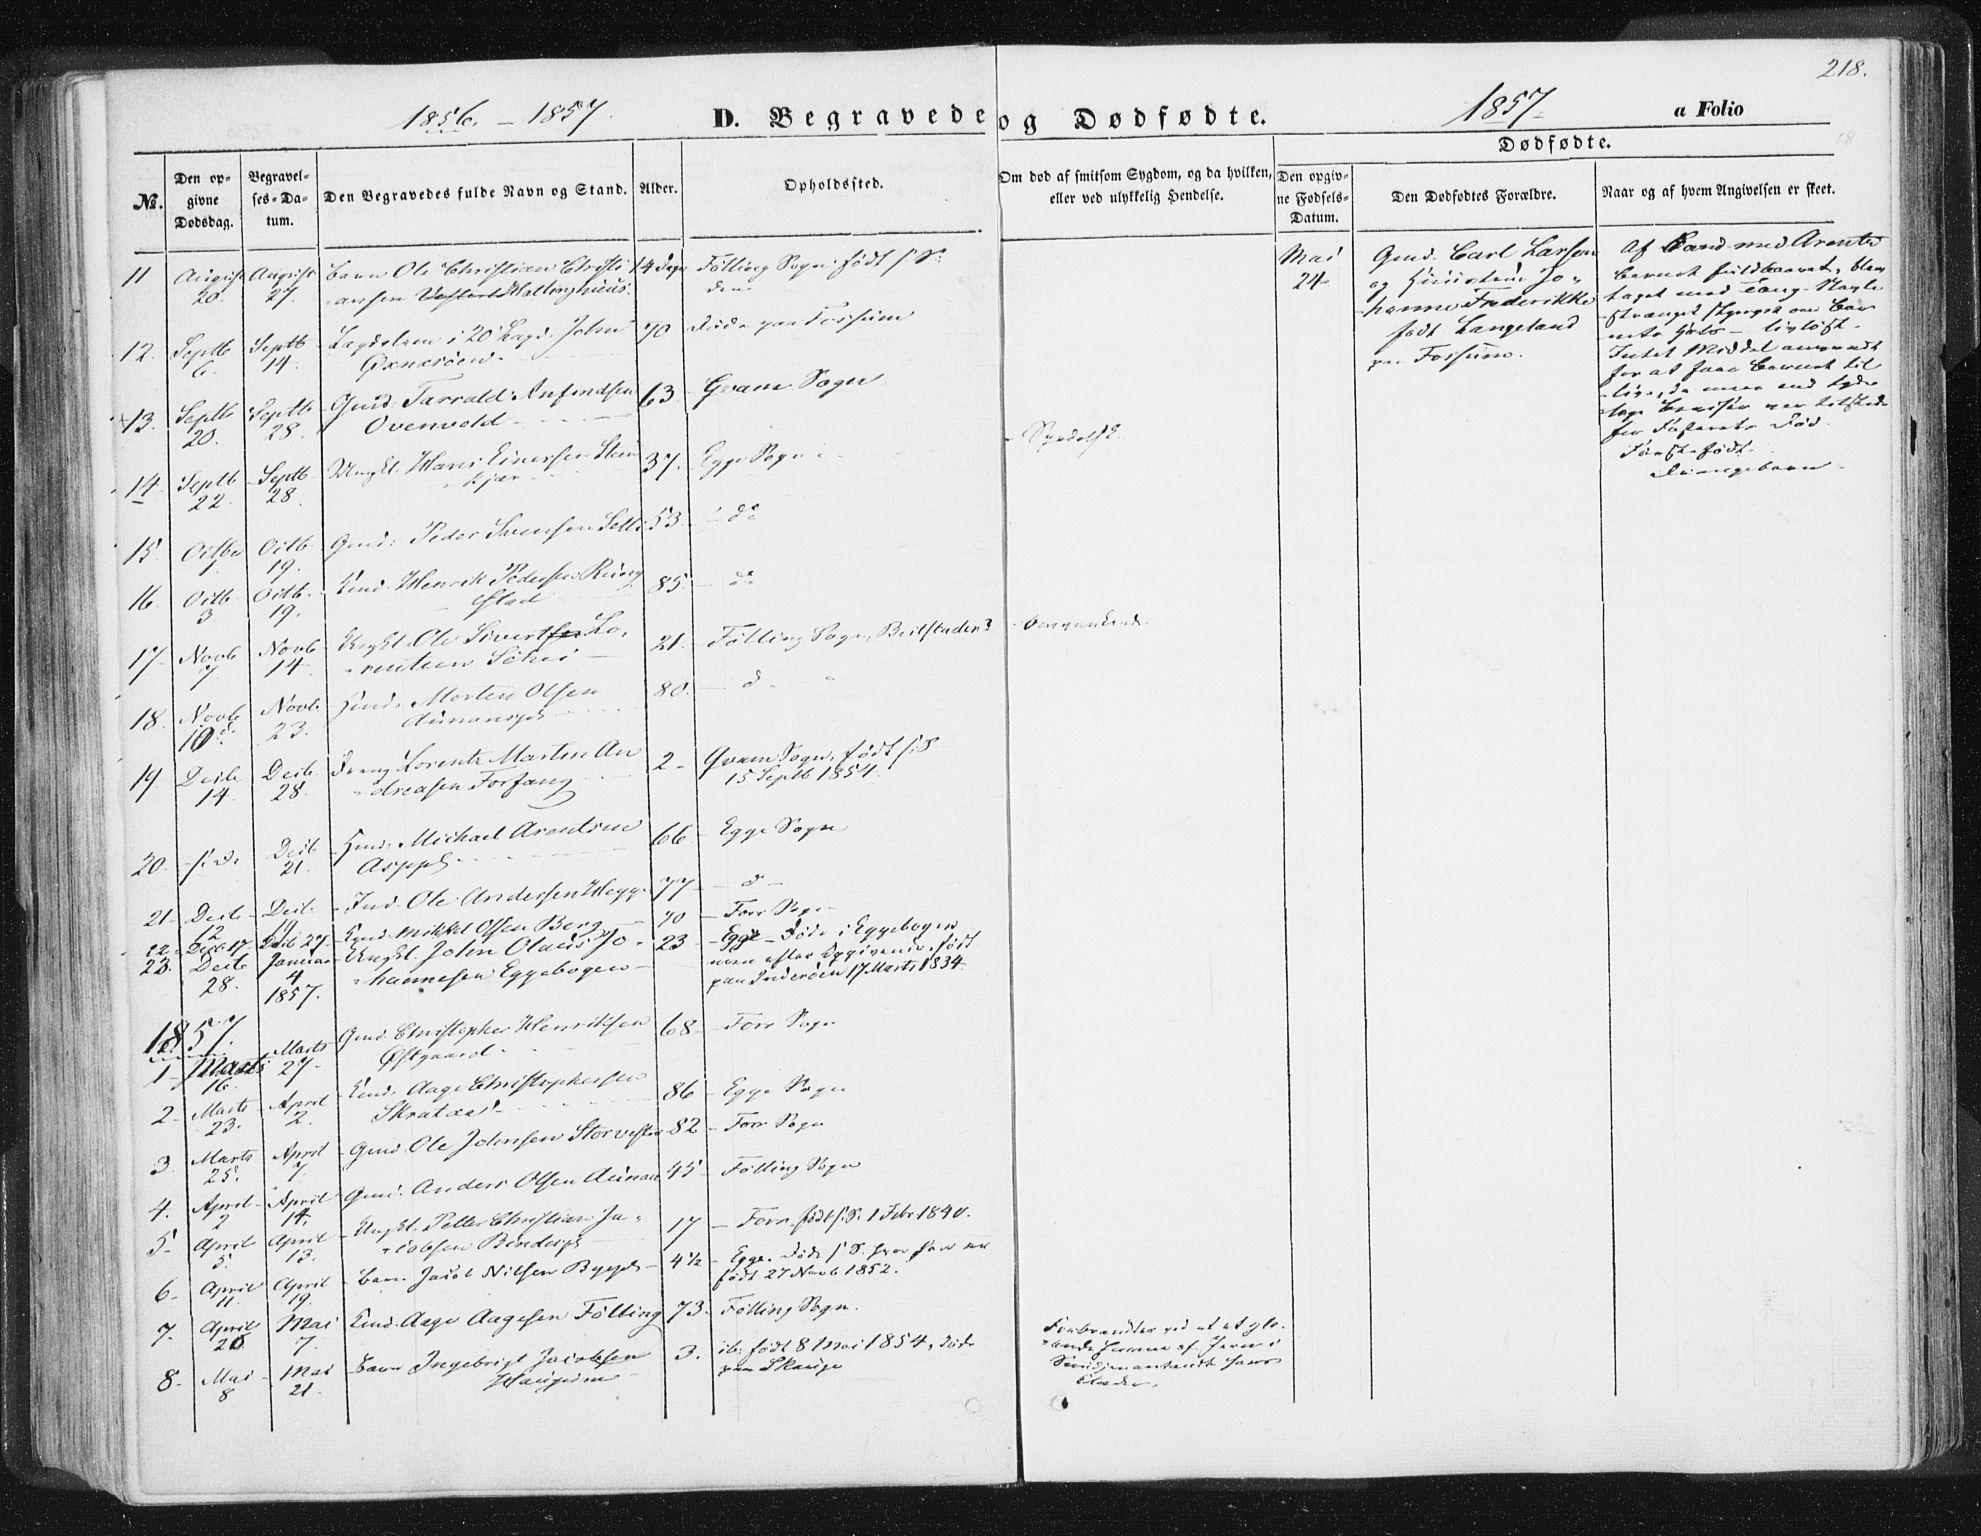 SAT, Ministerialprotokoller, klokkerbøker og fødselsregistre - Nord-Trøndelag, 746/L0446: Ministerialbok nr. 746A05, 1846-1859, s. 218